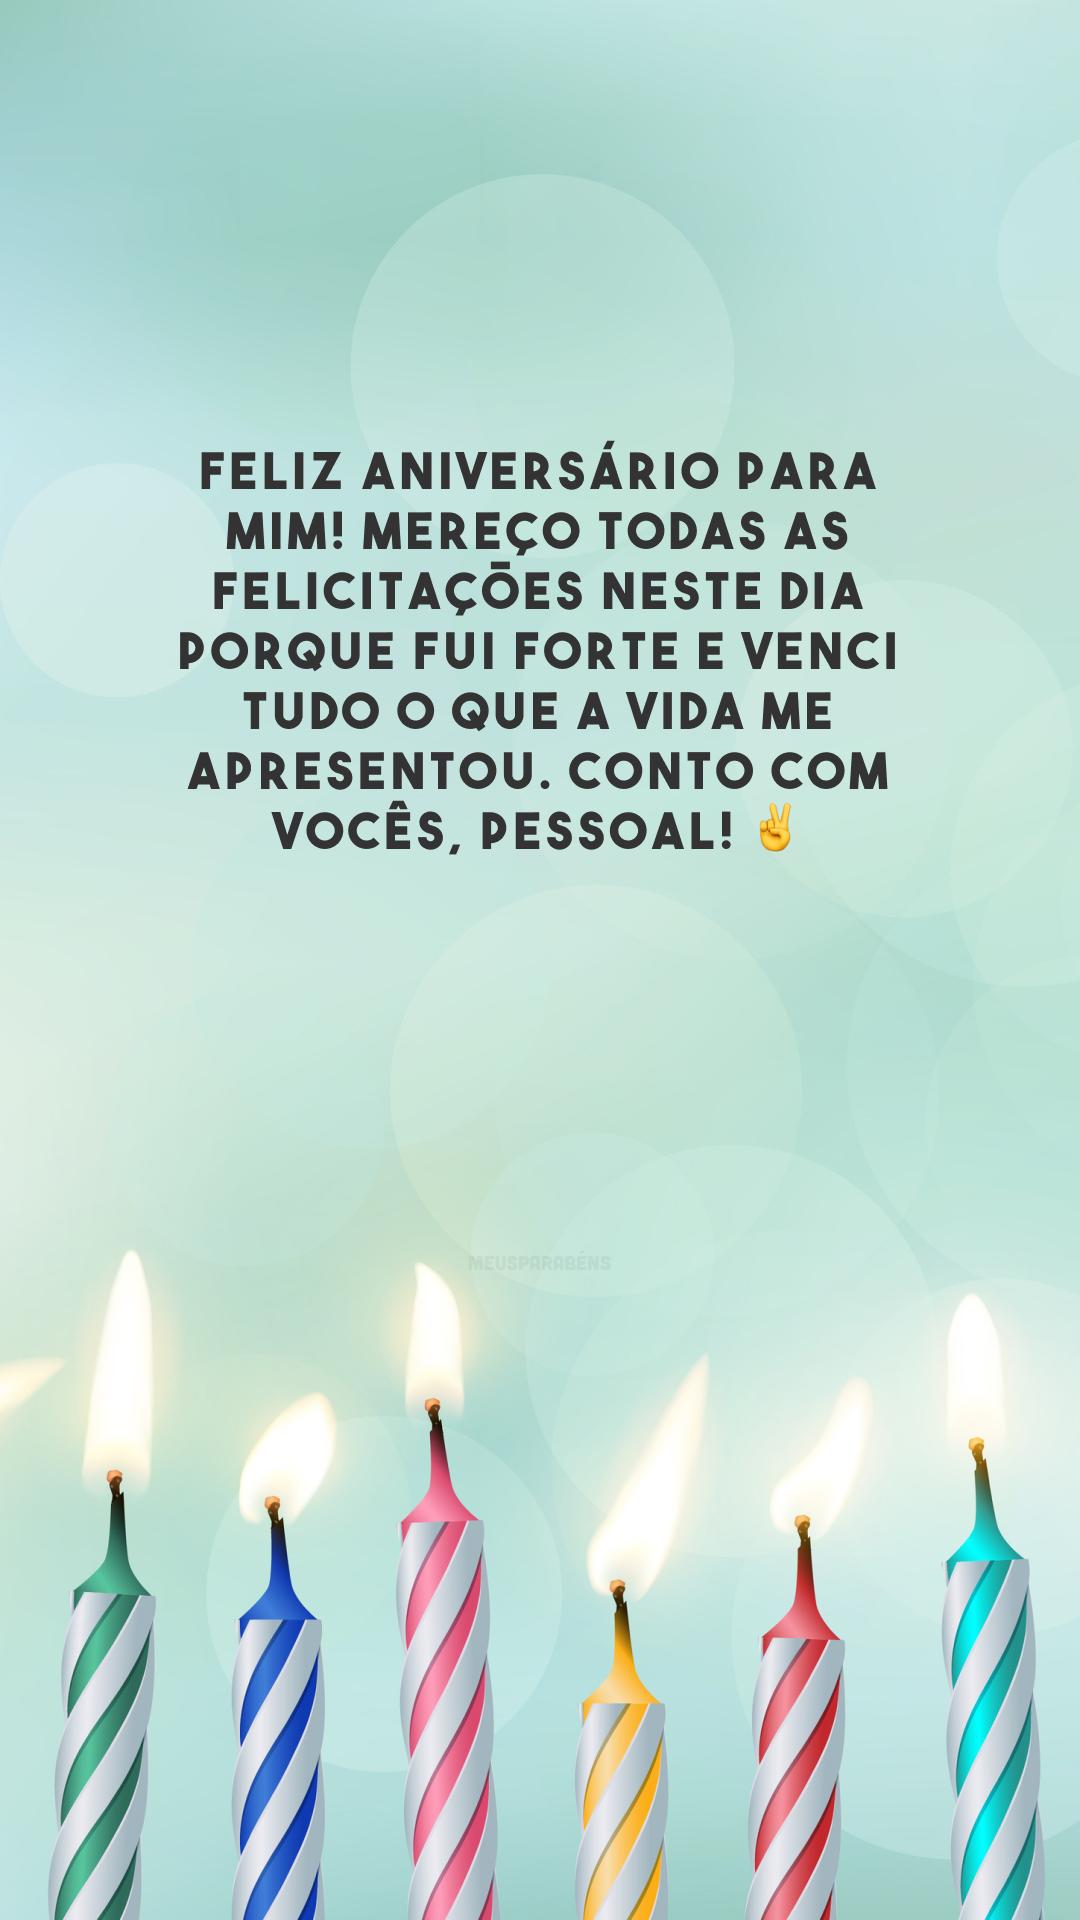 Feliz aniversário para mim! Mereço todas as felicitações neste dia porque fui forte e venci tudo o que a vida me apresentou. Conto com vocês, pessoal! ✌️